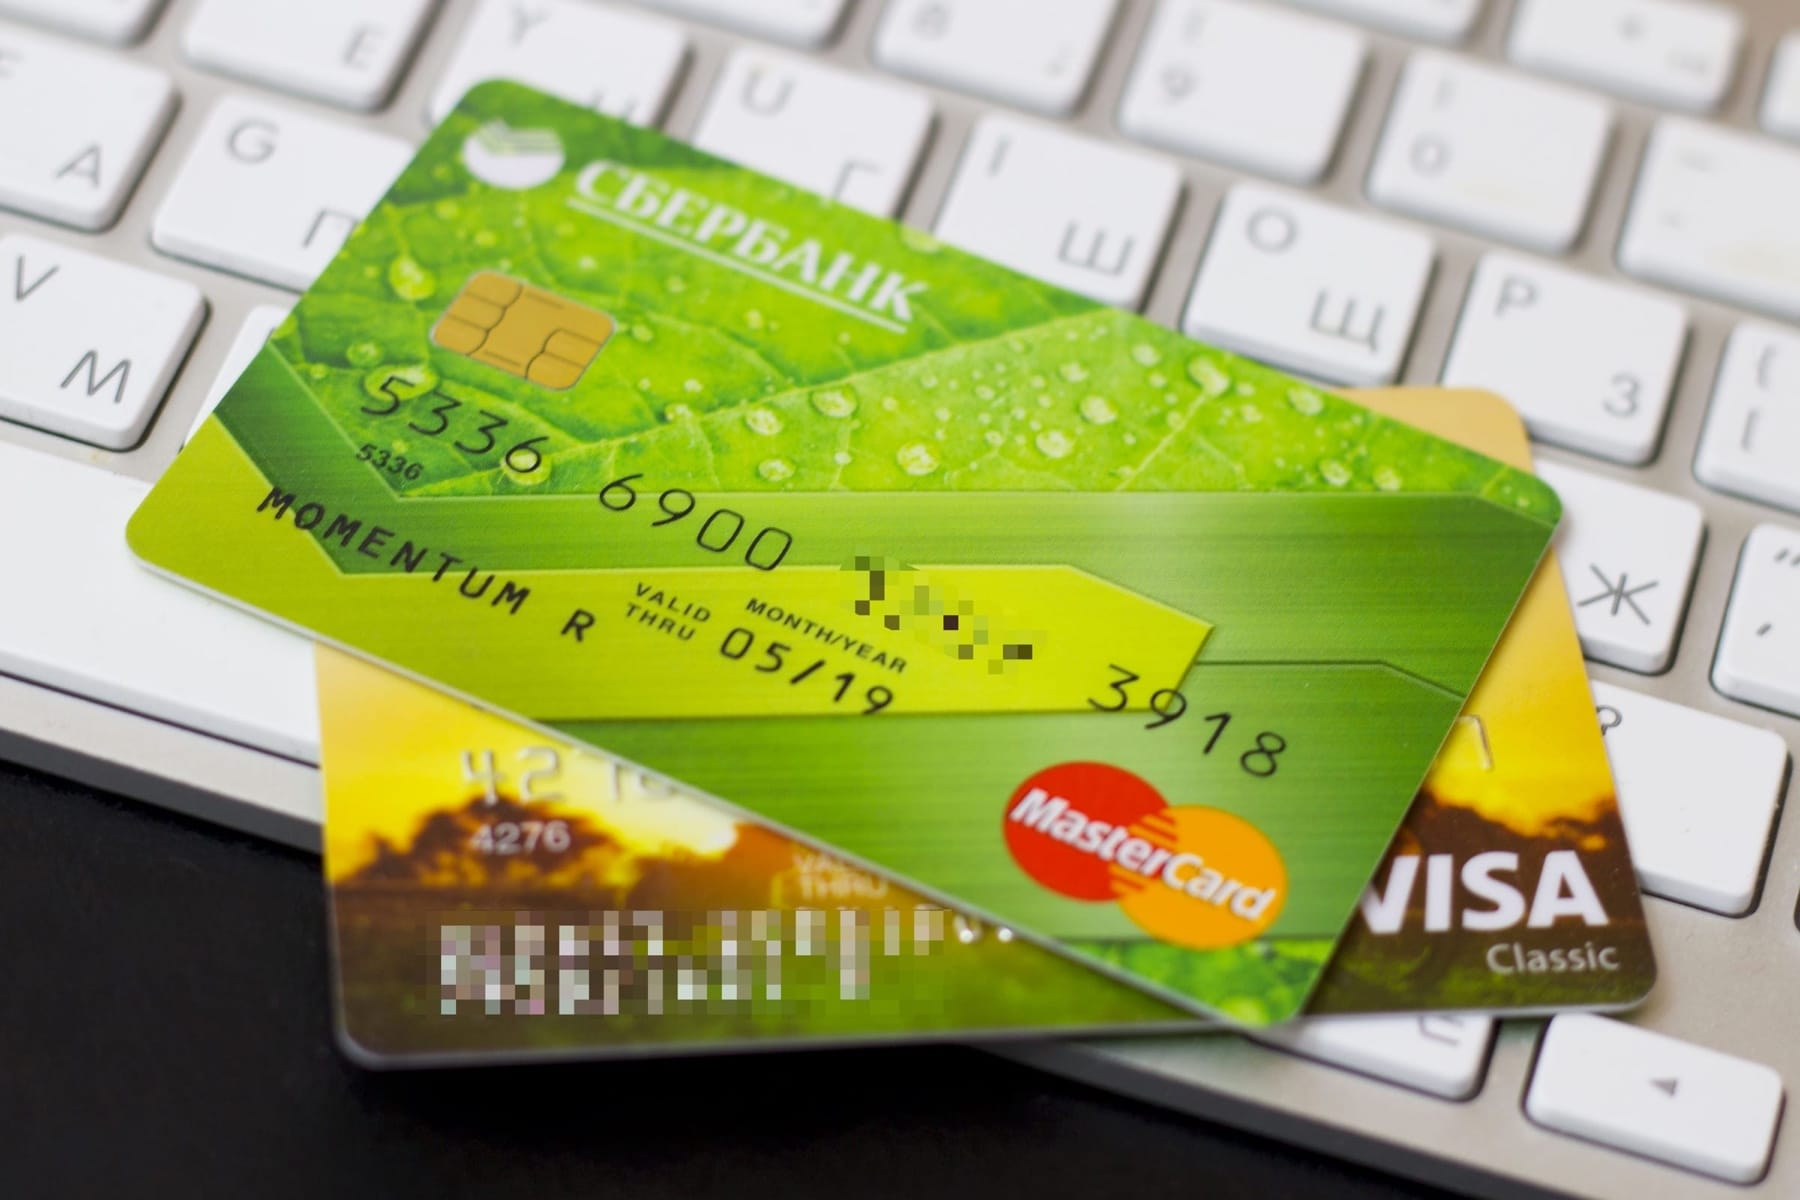 Как заблокировать банковскую карту зная только владельца